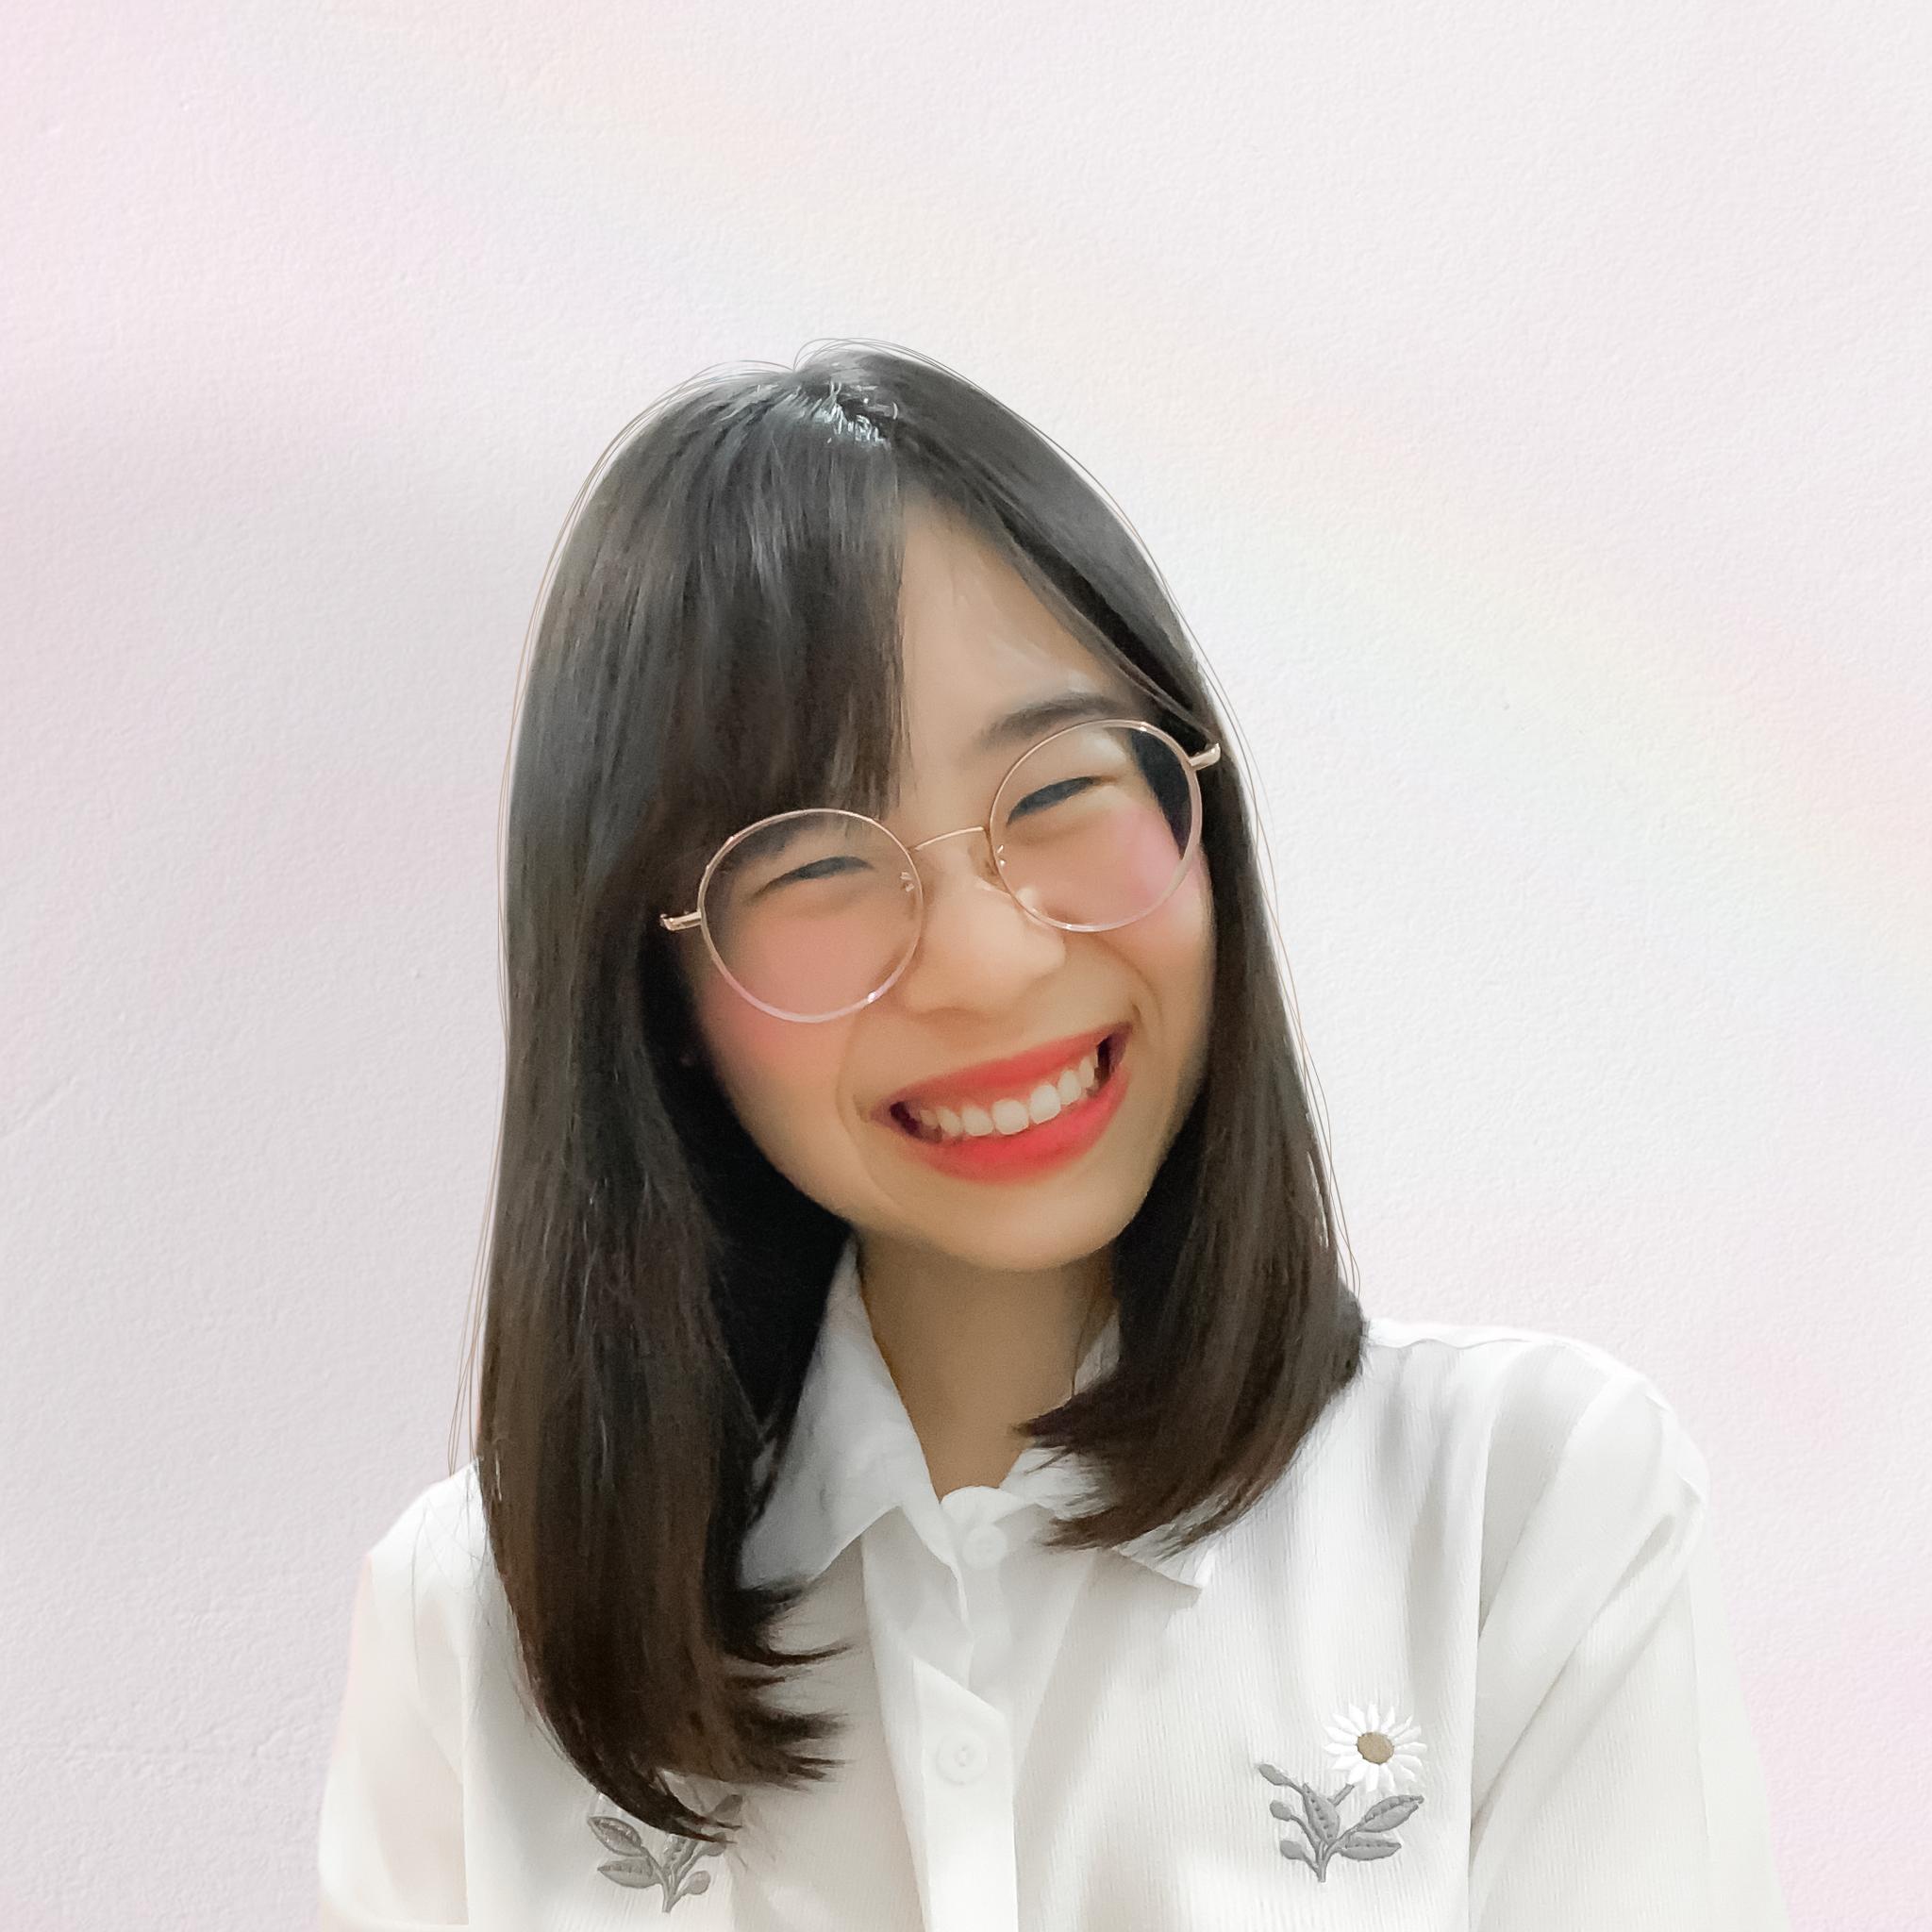 ธนาภรณ์ กุศลมโนมัย (Co-founder, Hato Chat)   Skooldio Instructor